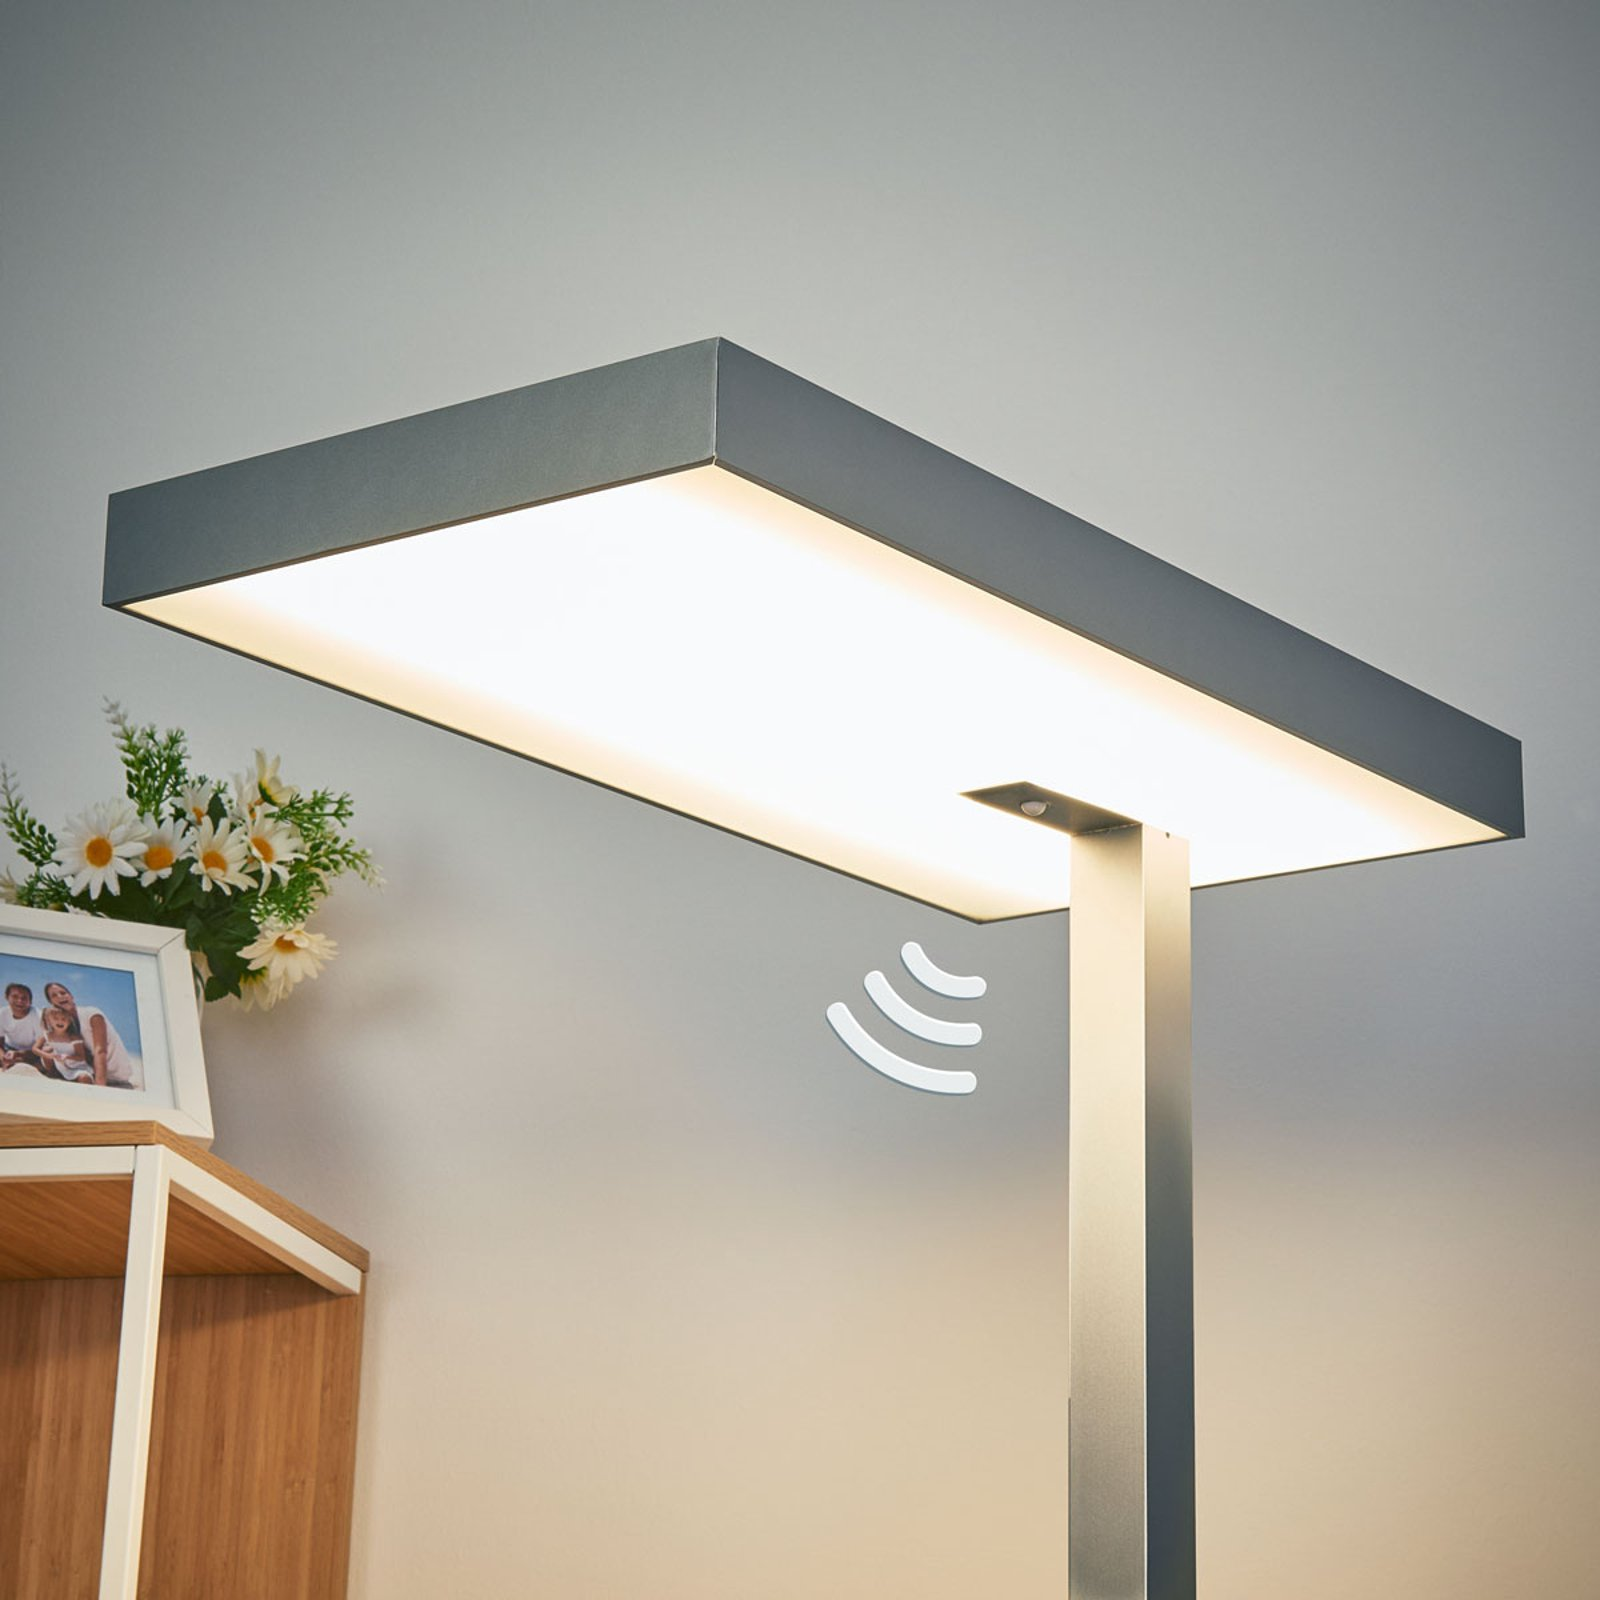 Nora LED kontorgulvlampe, bevegelsessensor, 50 W